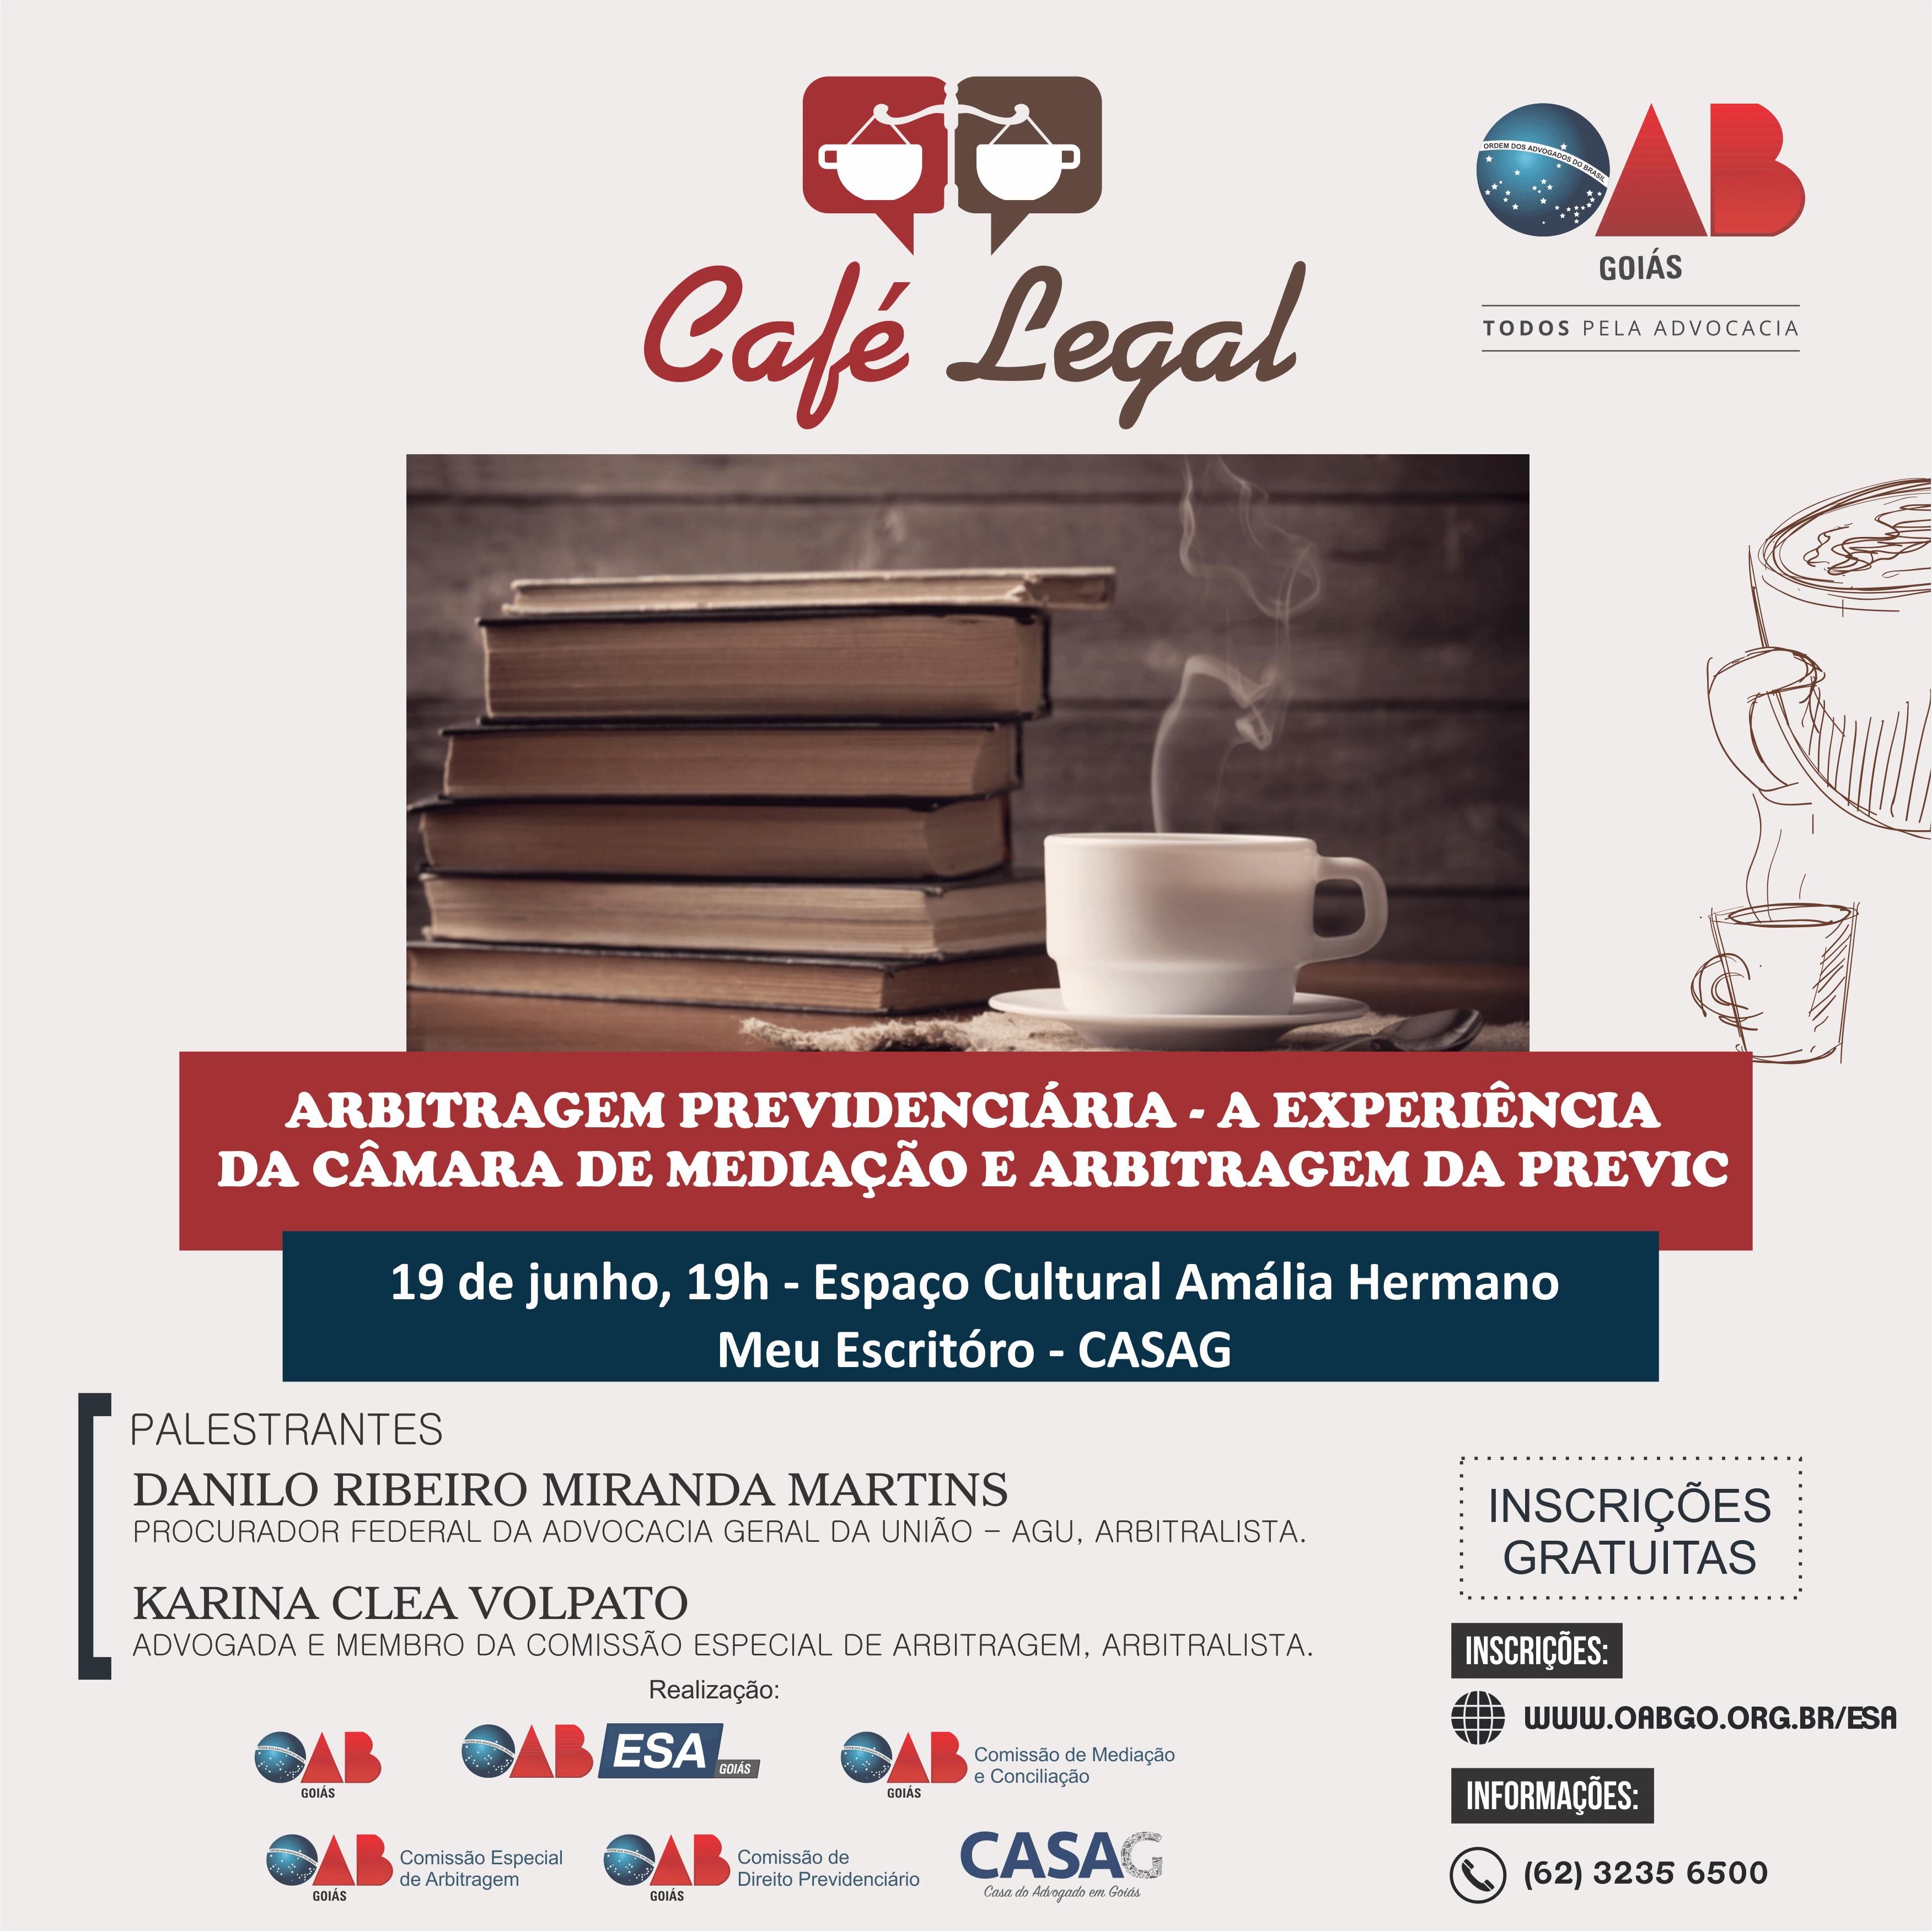 19.06 - Café Legal - Arbitragem Previdenciária